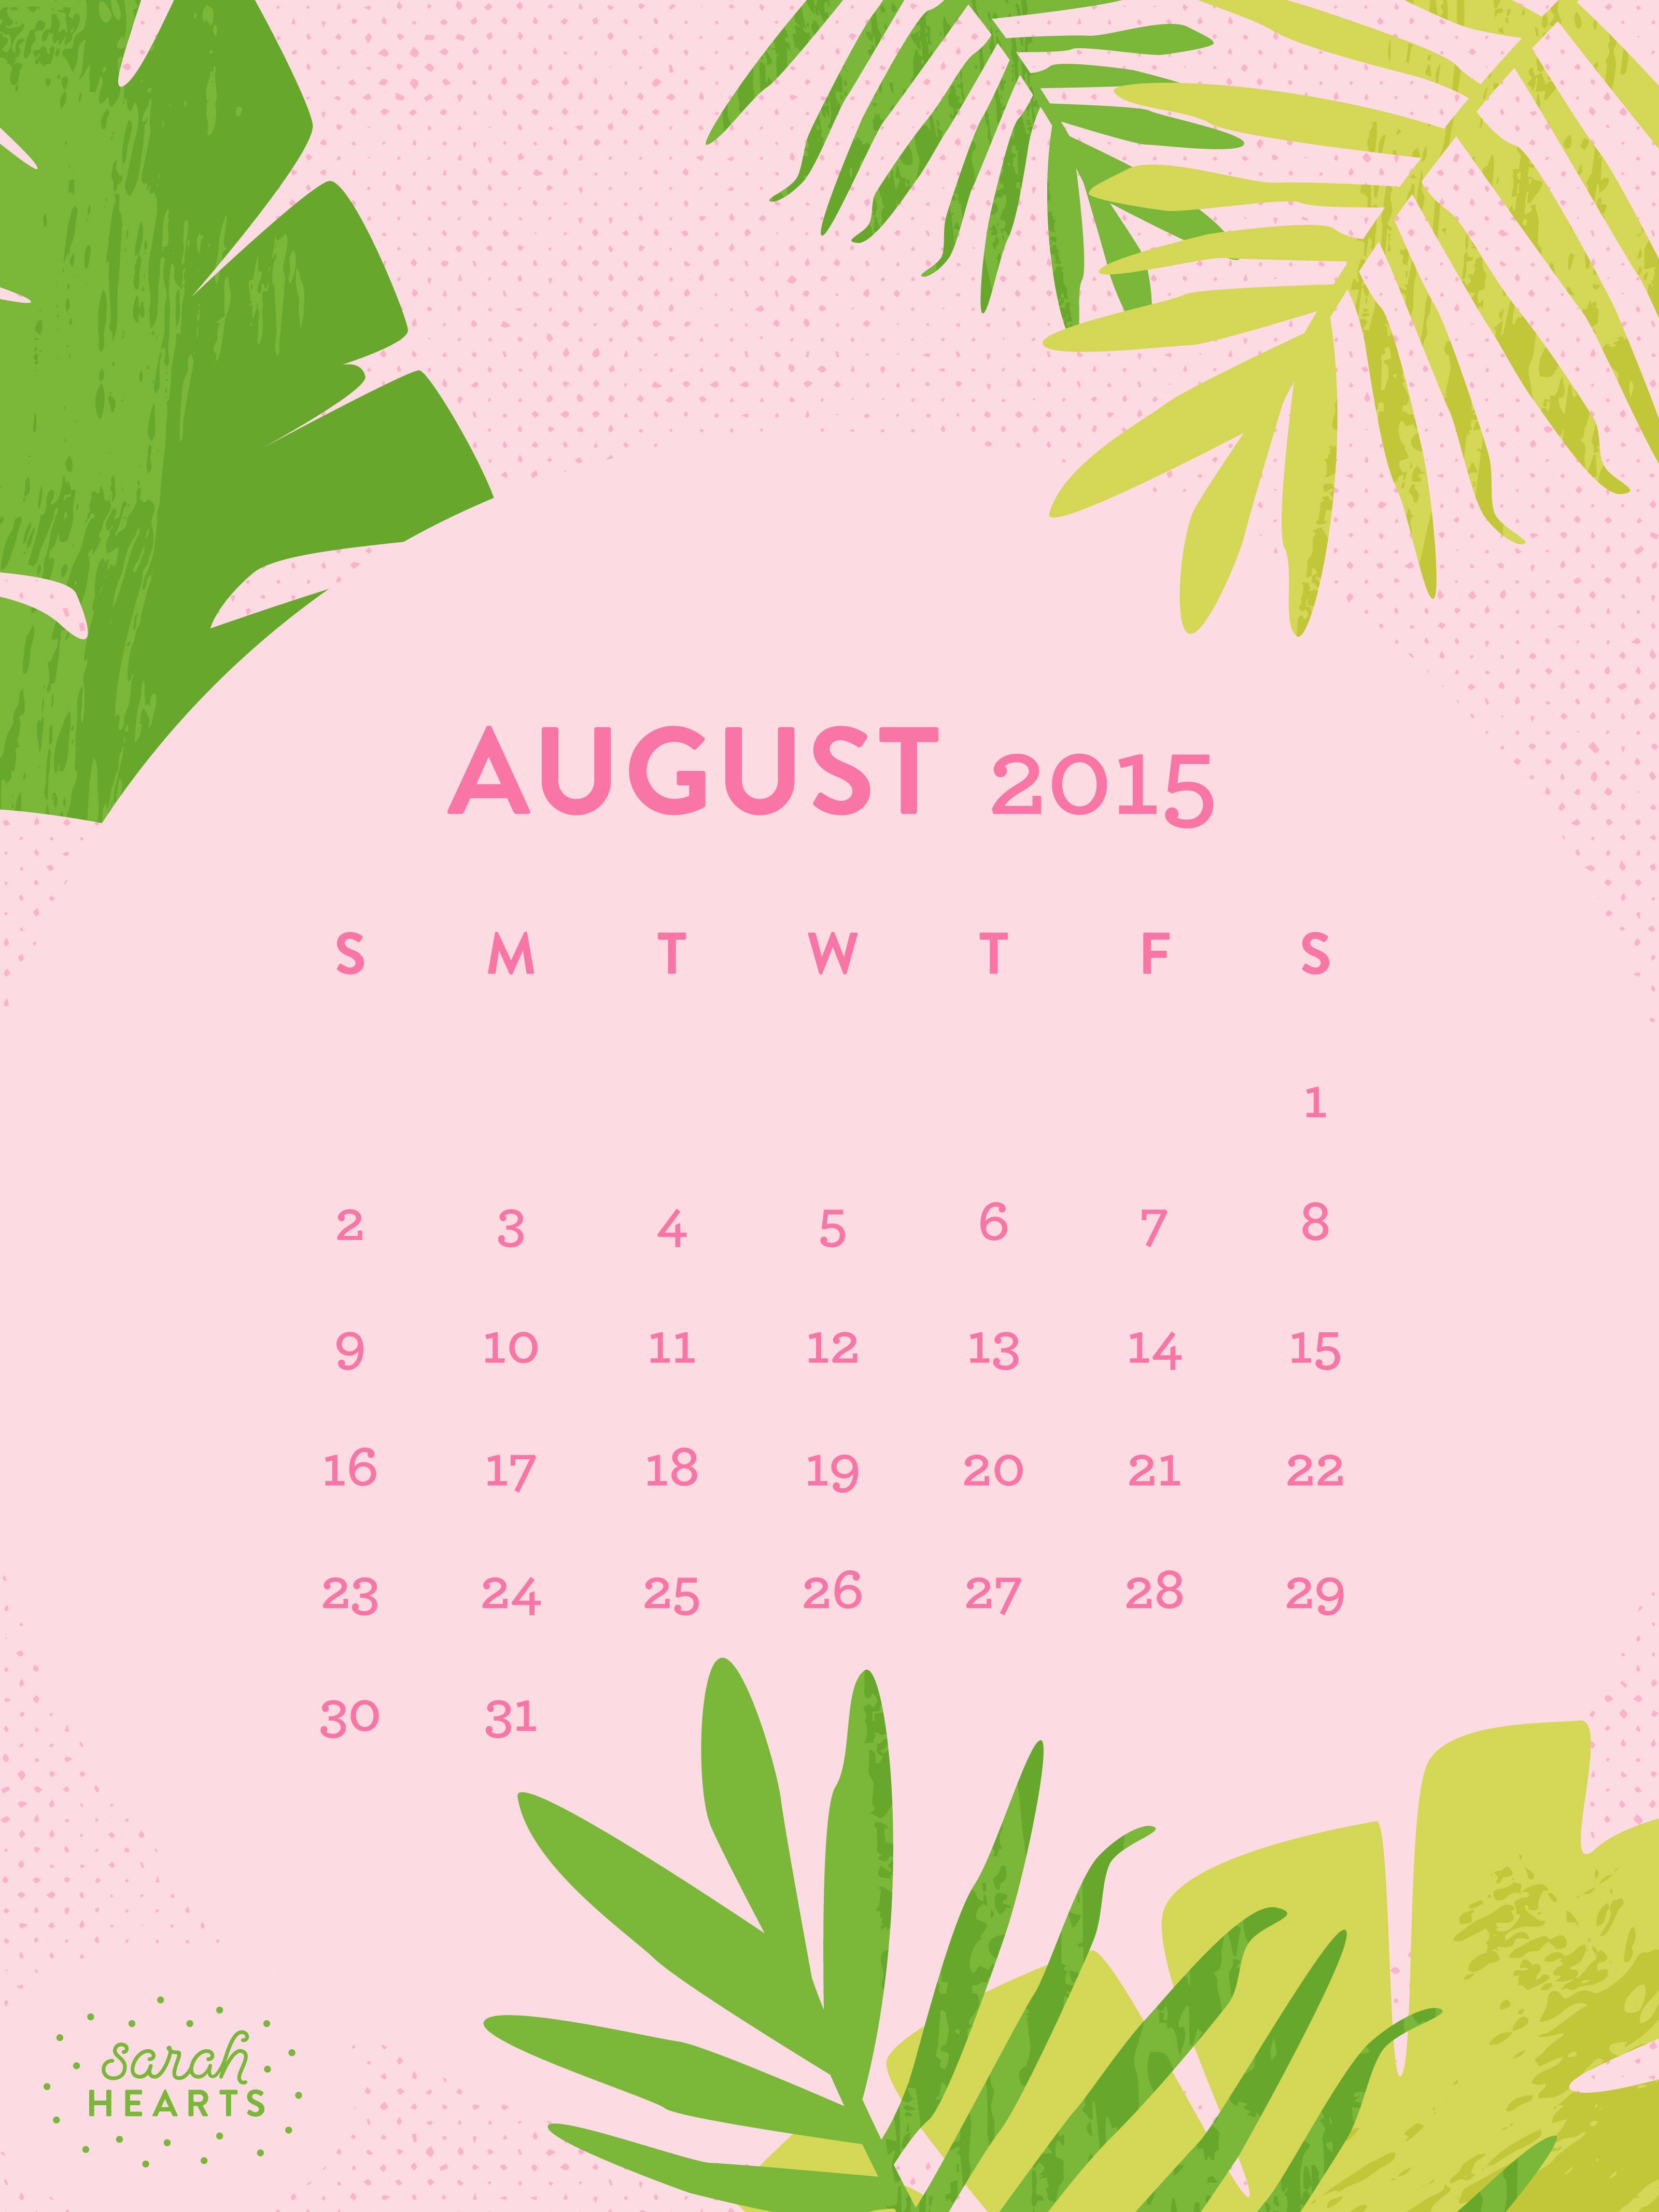 August 2015 Calendar Wallpaper - Sarah Hearts